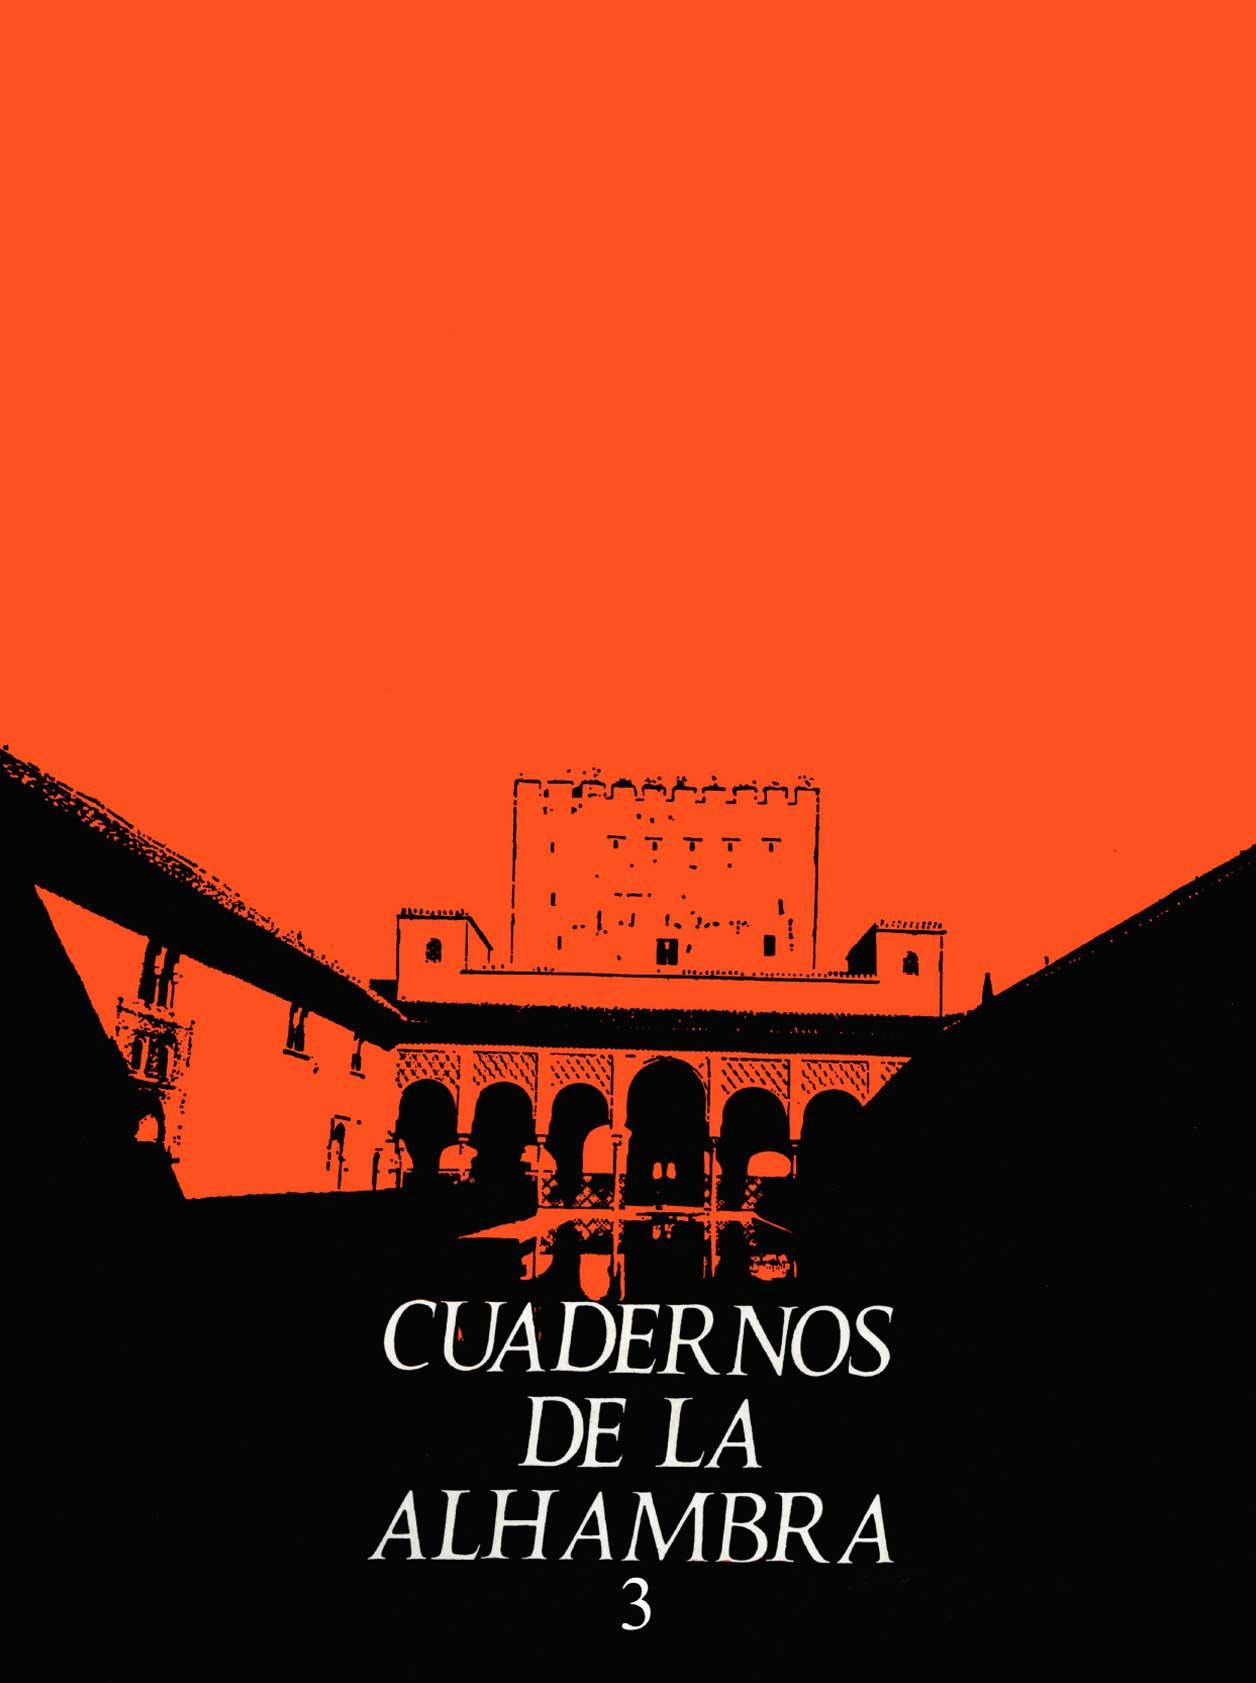 Portada del número 03 de Cuadernos de la Alhambra